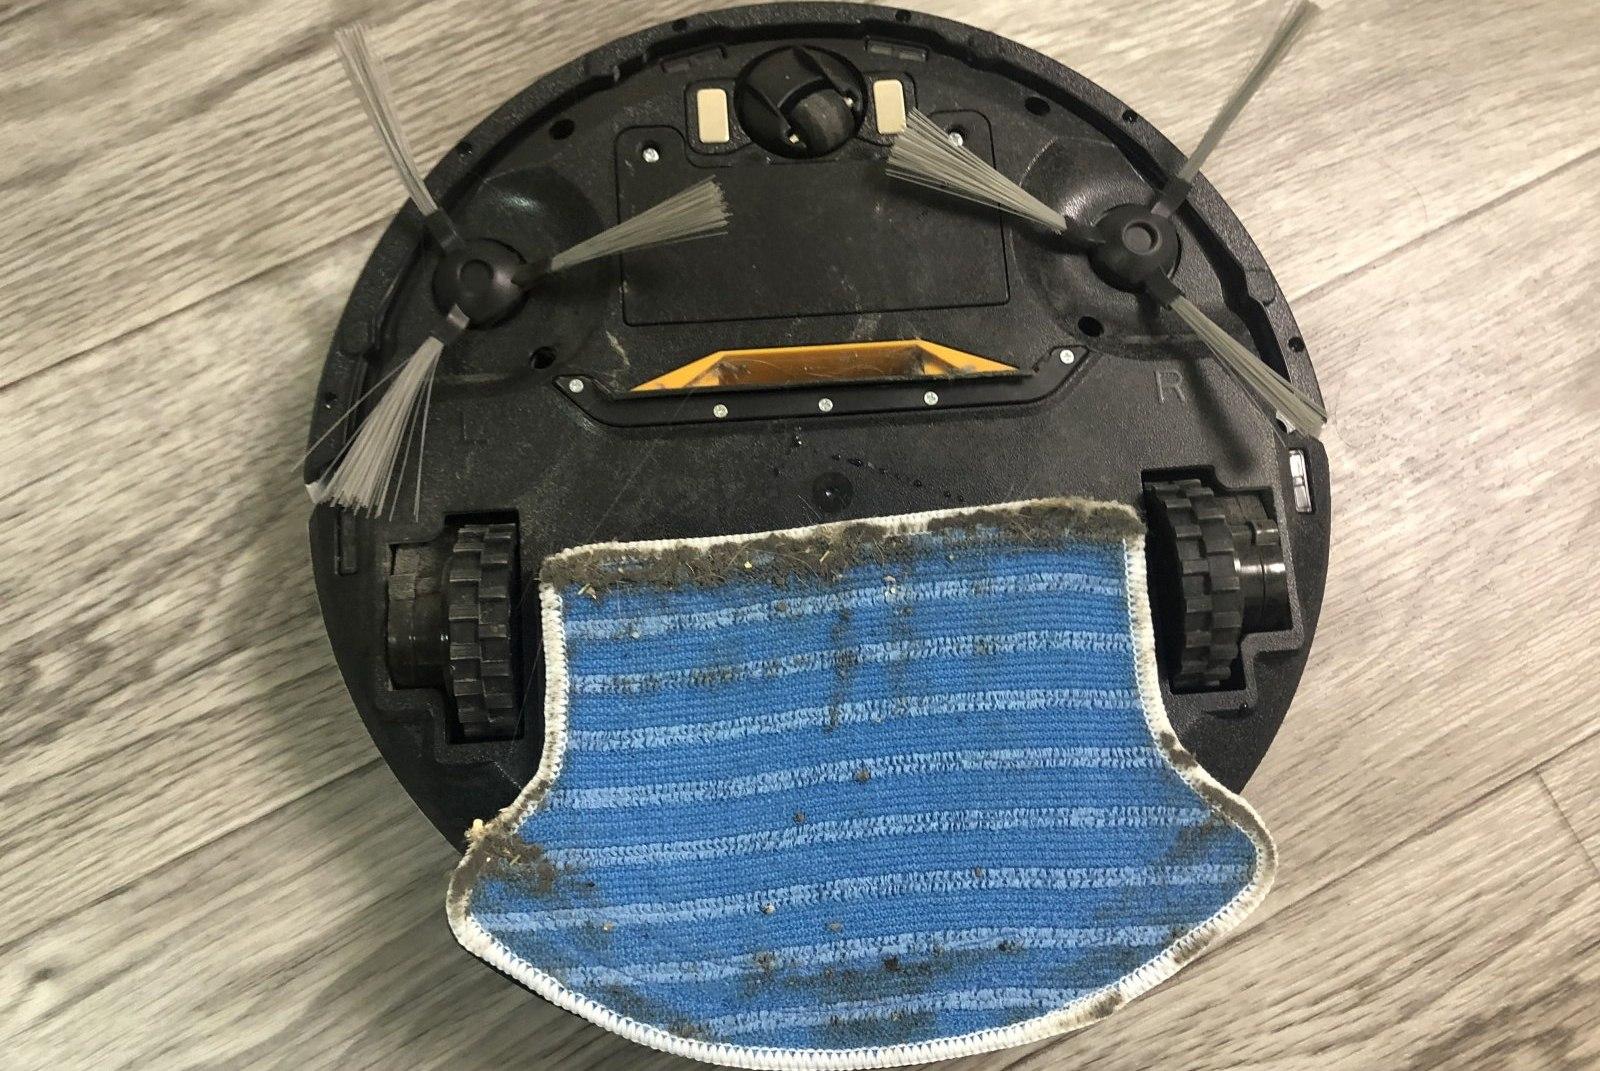 робот пылесос редмонд рв 450 - влажная уборка